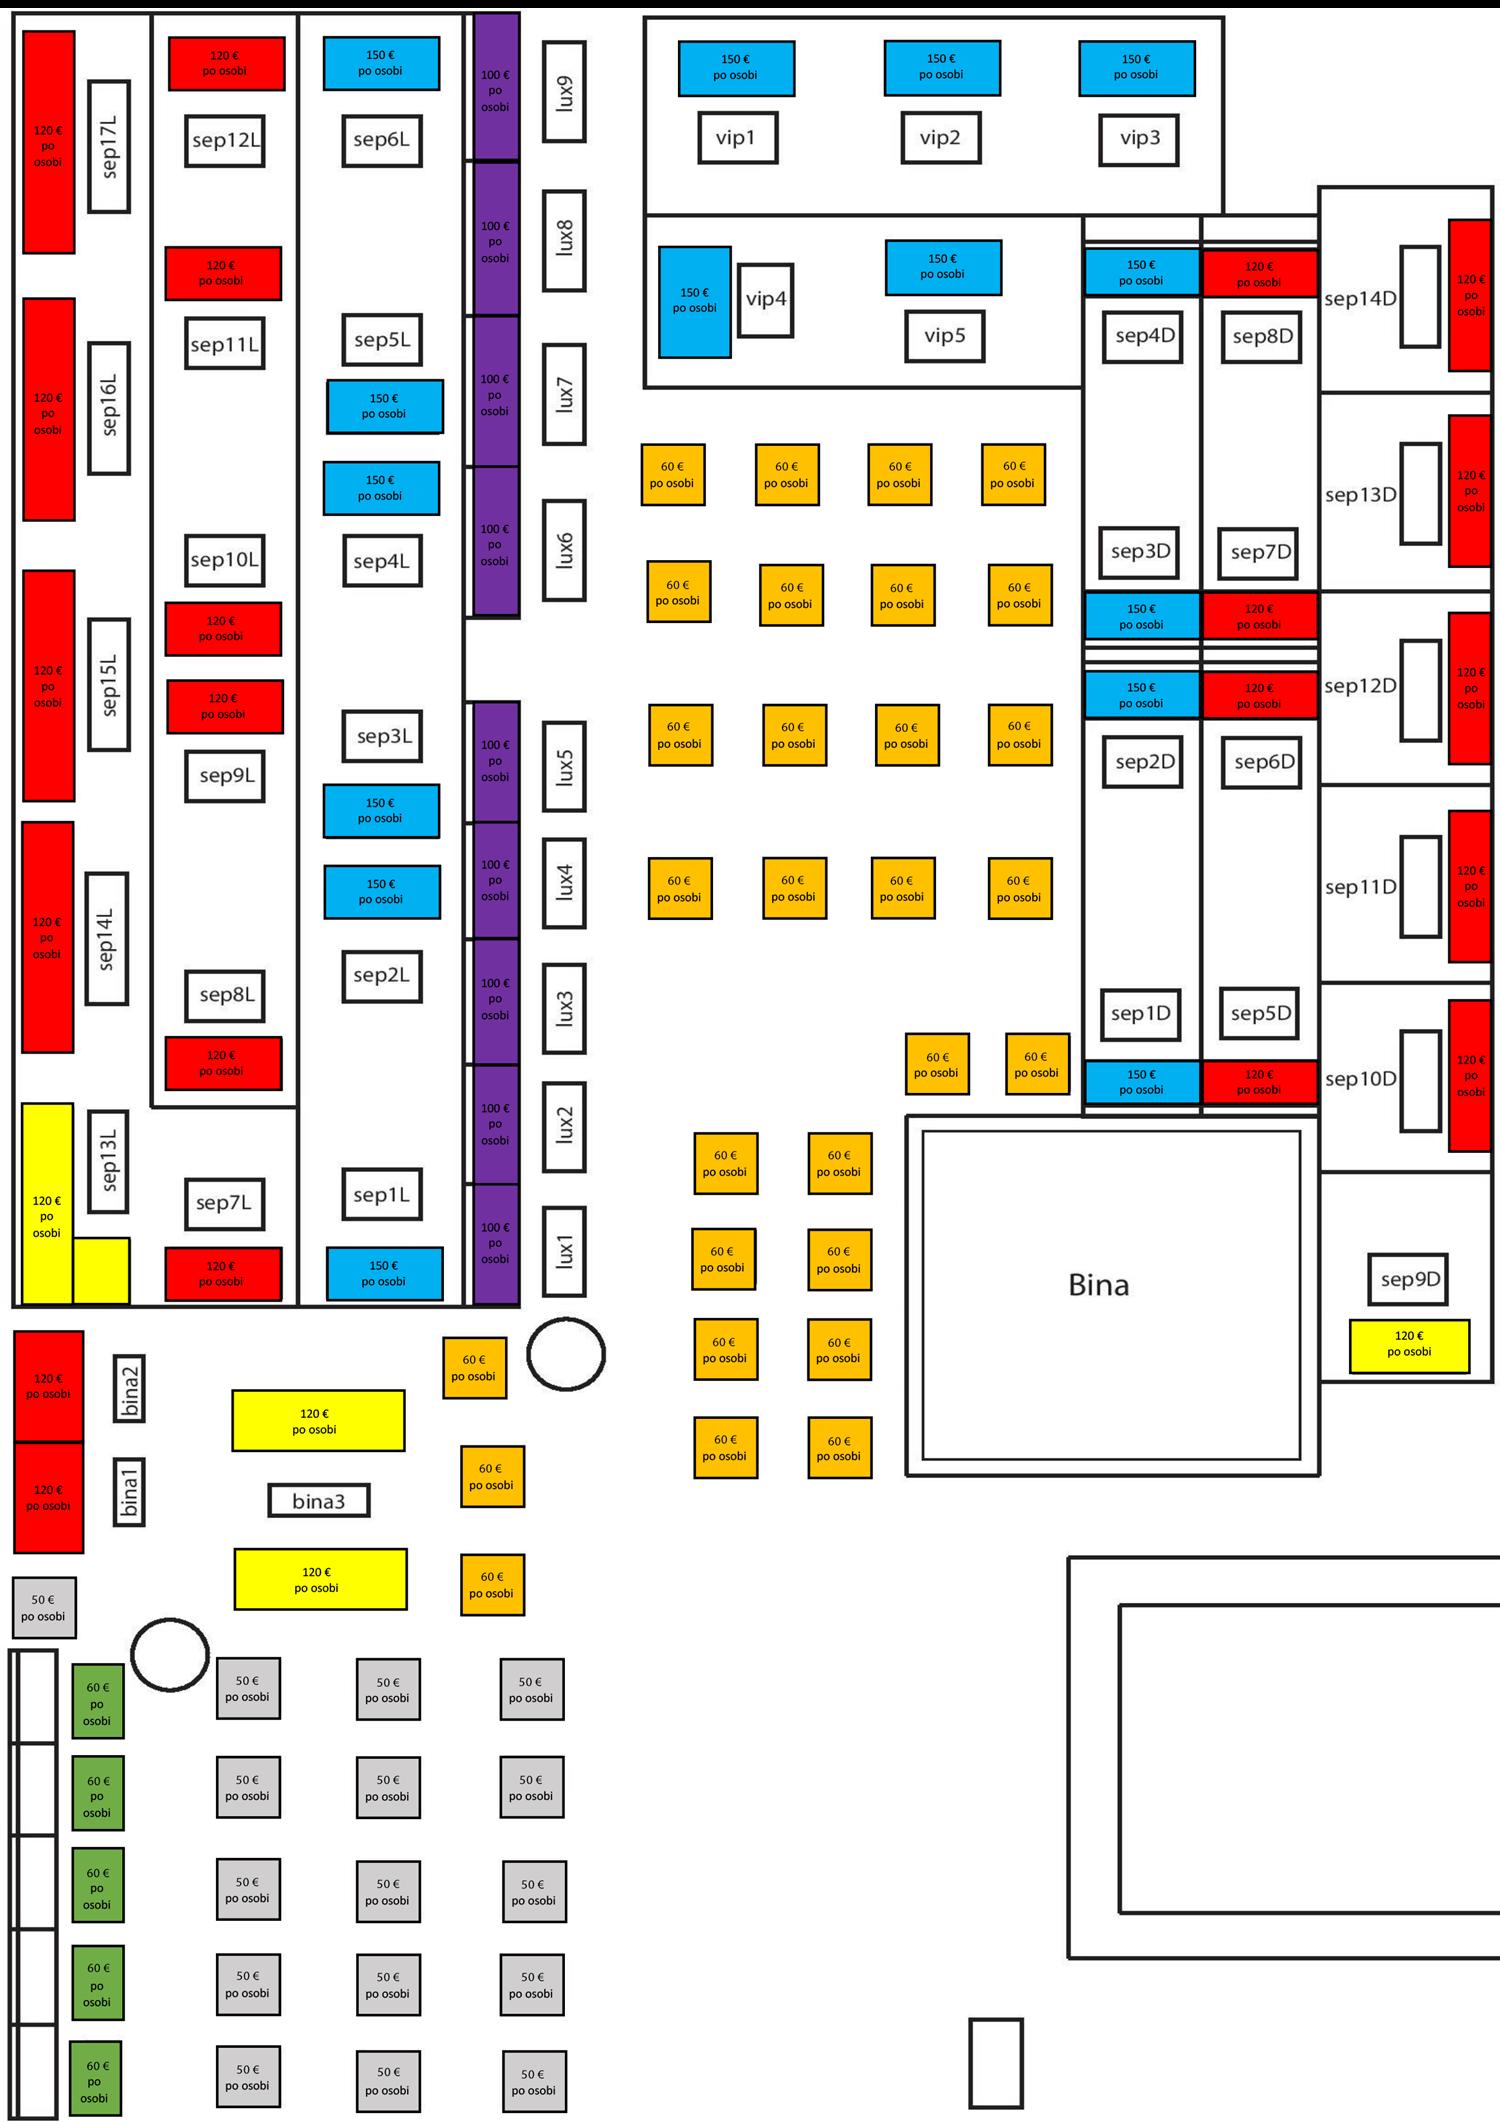 klub kasina nova godina mapa sedenja